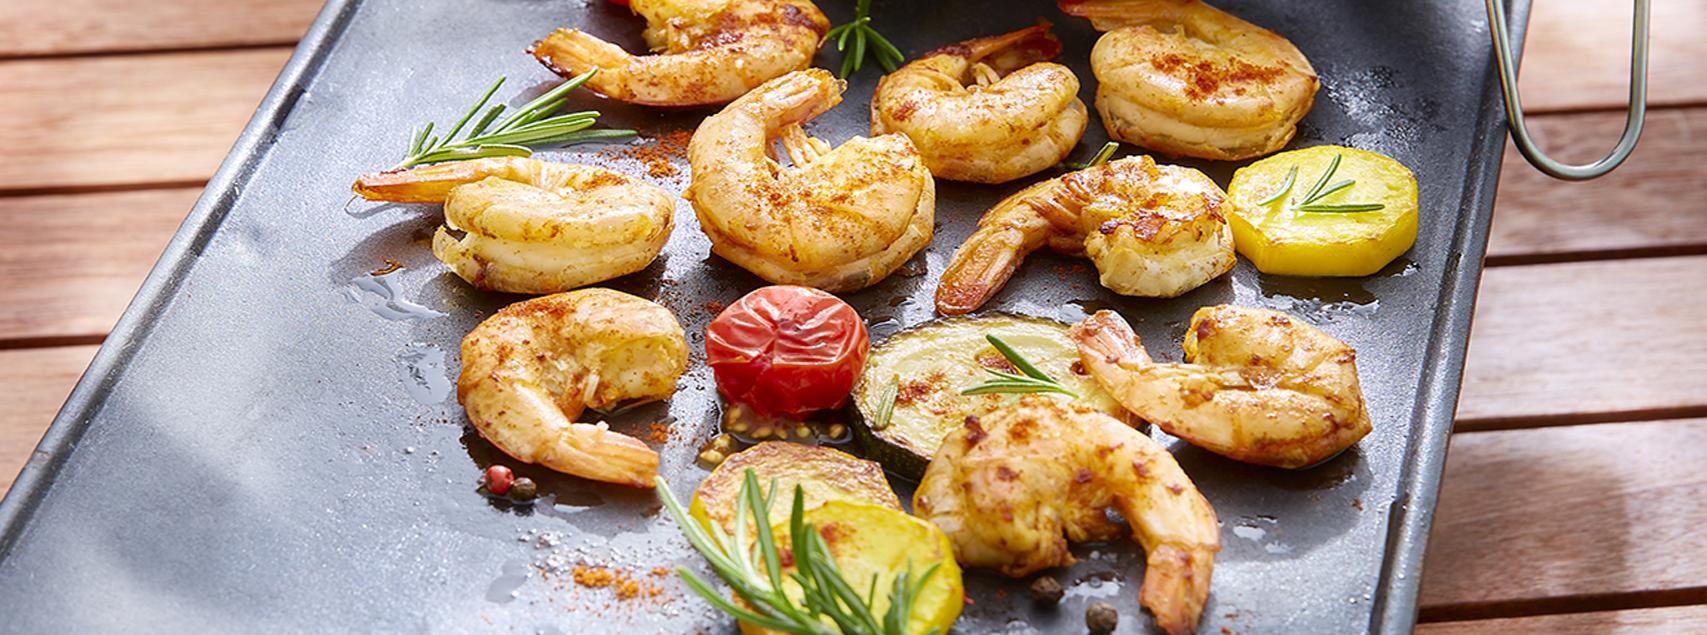 Crevettes d'Equateur à la plancha, marinées au piment et au romarin